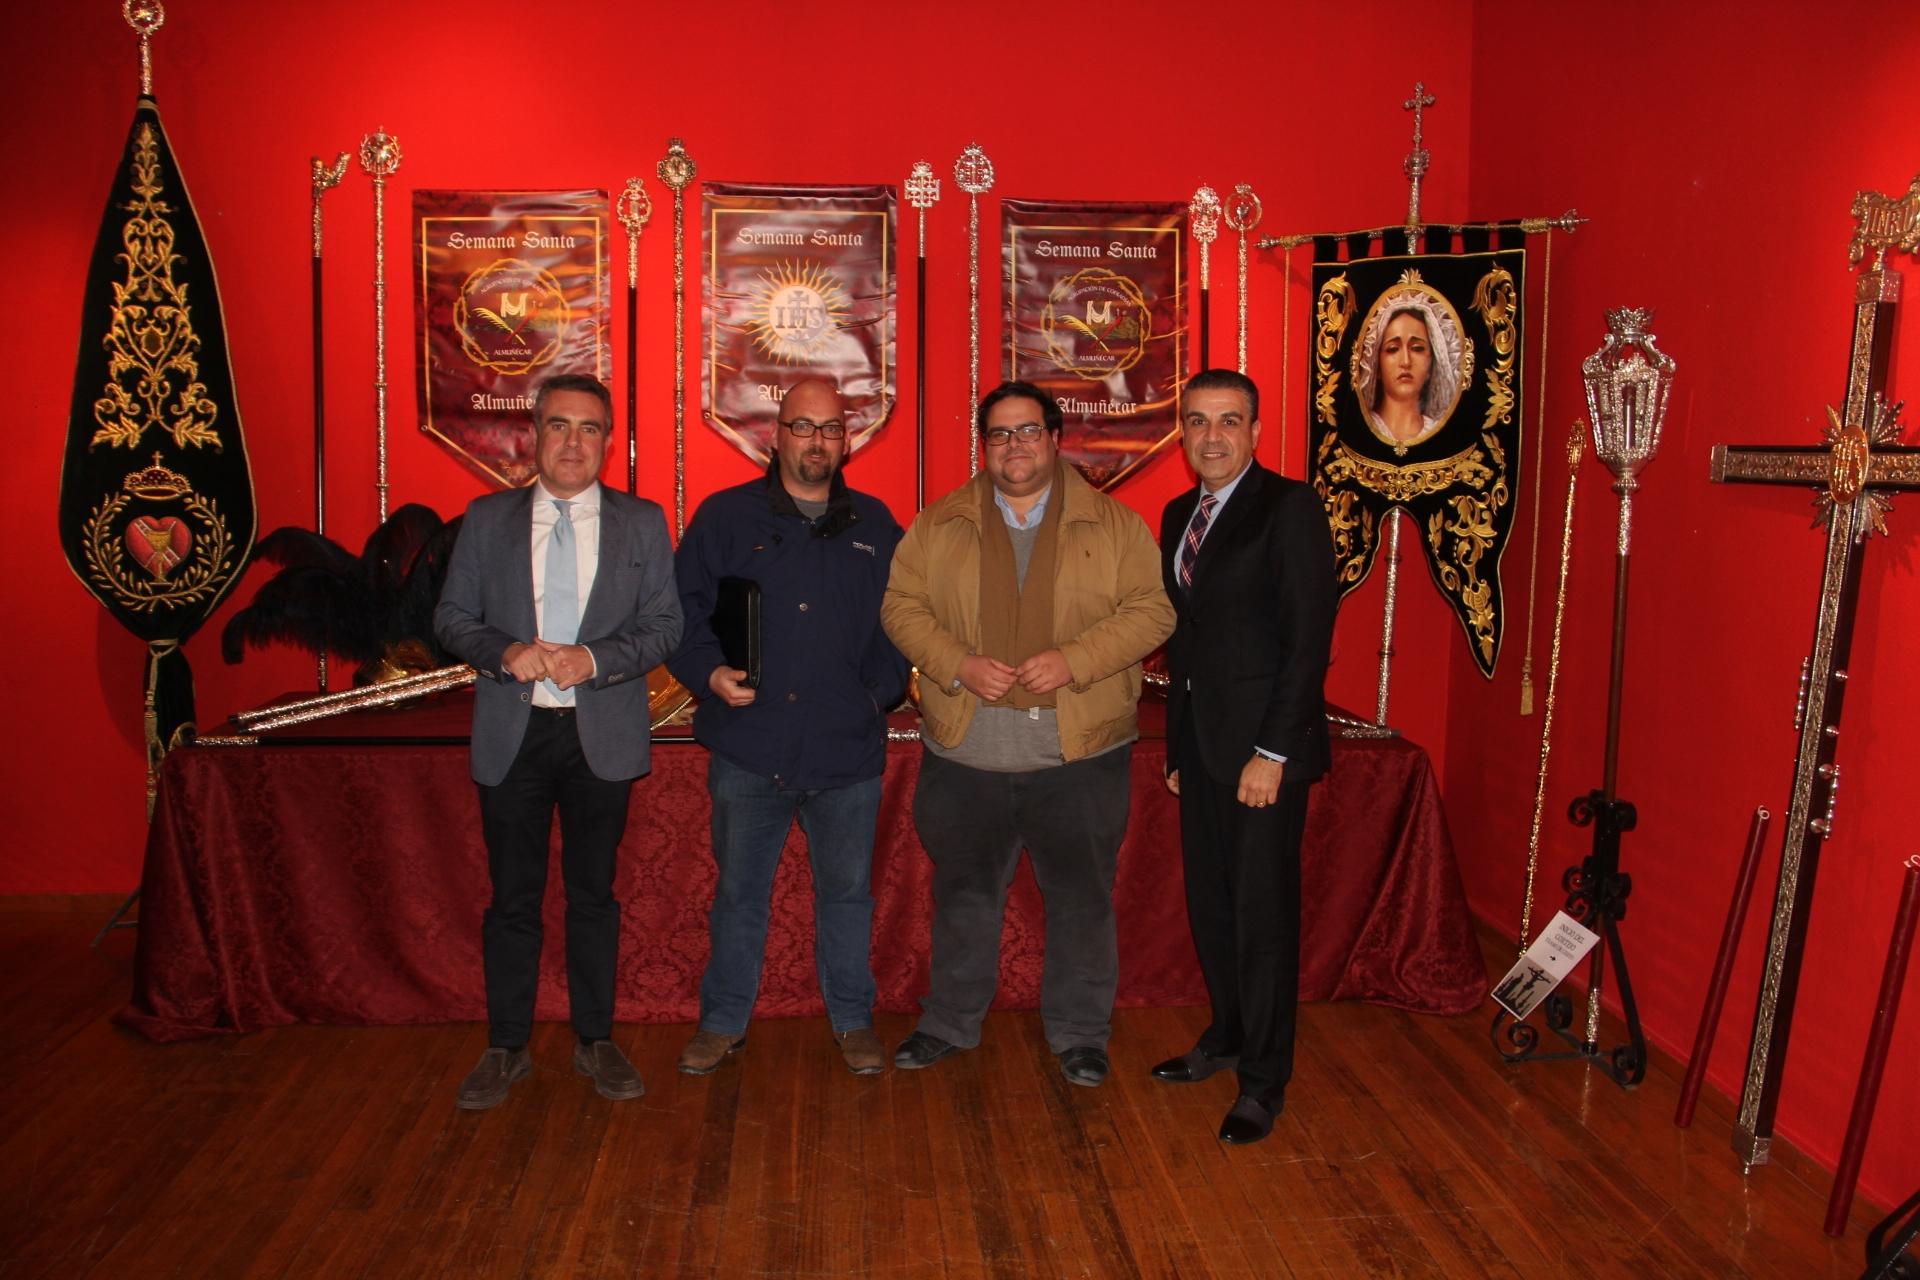 ACTO INAUGURAL DE LA EXPOSICIÓN DE LAS JORNADAS COFRADES DE ALMUÑÉCAR